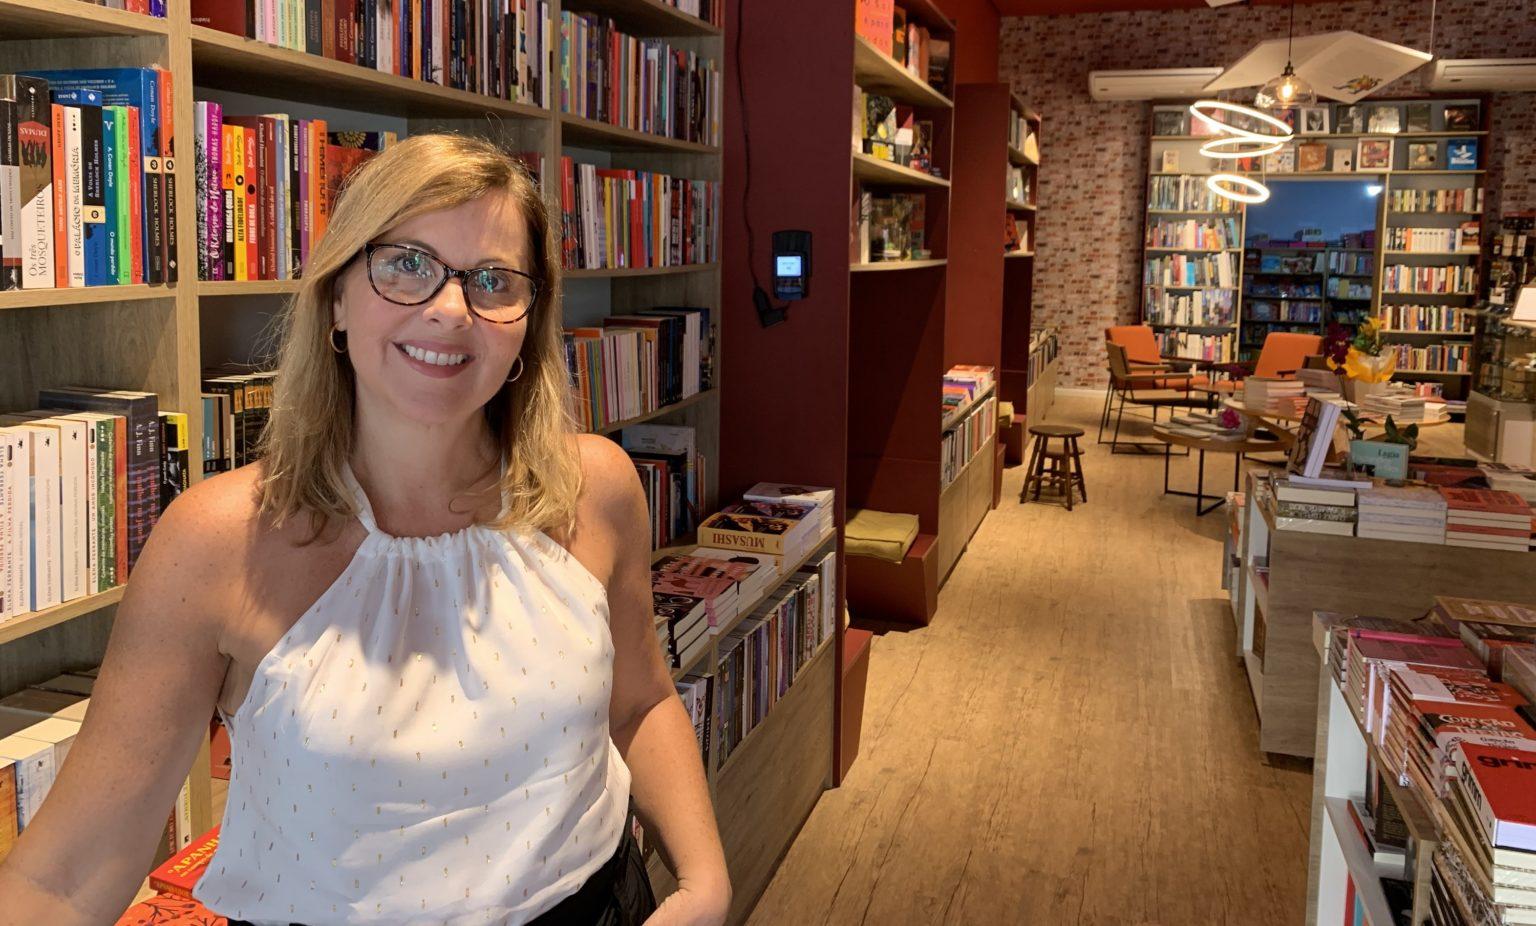 Monica Carvalho tinha o sonho de trabalhar com cultura, livros, literatura. Abriu, em janeiro, a Livraria da Tarde.